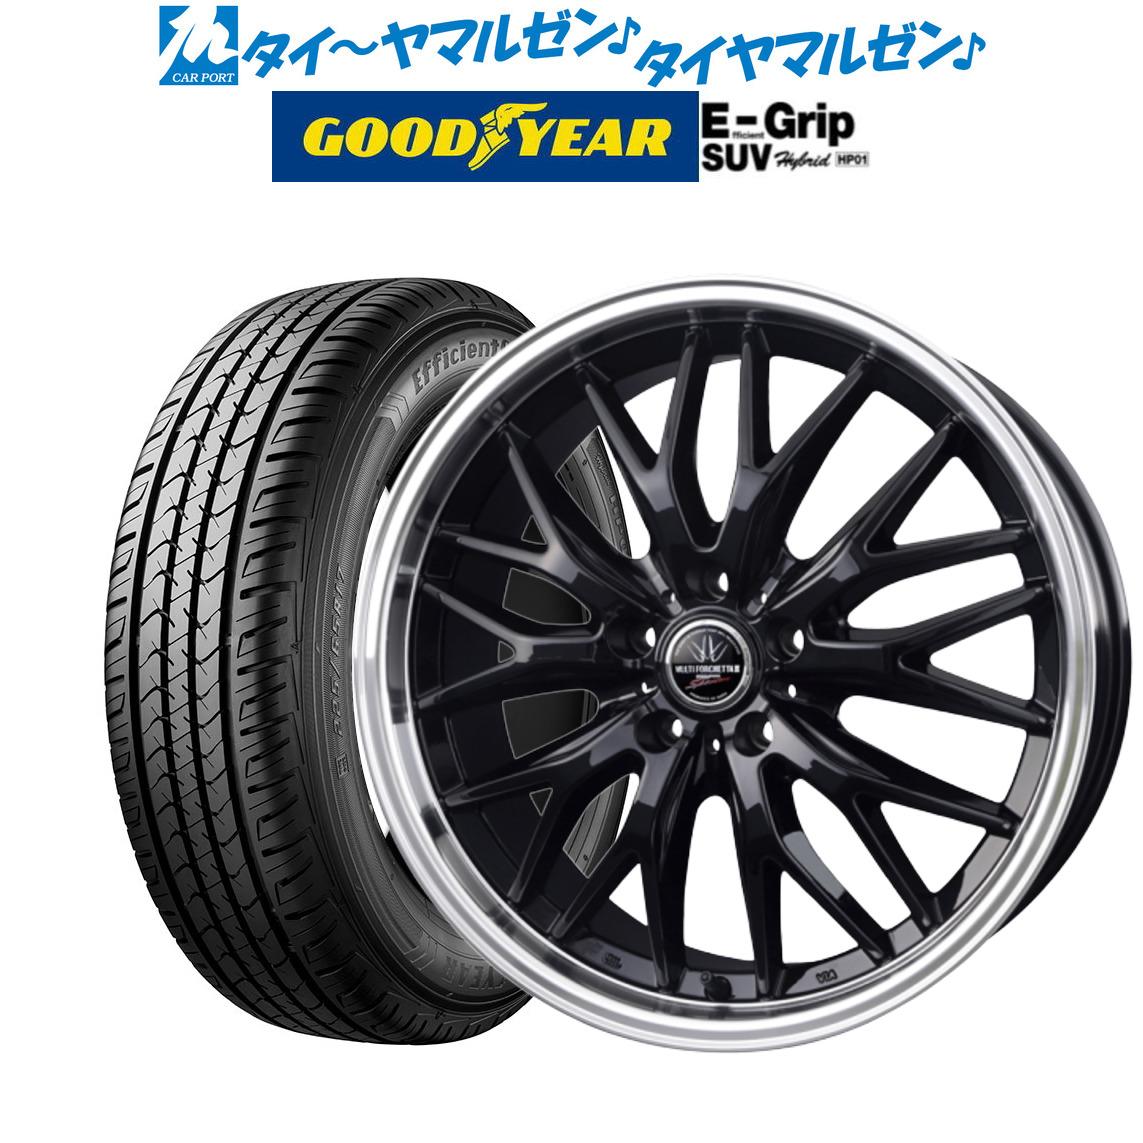 上質で快適 新品・送料無料・4本セットBADX ロクサーニ ロクサーニ 96H マルチフォルケッタ2 SUV SP-SPECTORブラック/リムポリッシュ17インチ 7.0Jグッドイヤー エフィシエント グリップ SUV HP01215/60R17 96H, ZonzonTec:bbf2fd88 --- easyacesynergy.com